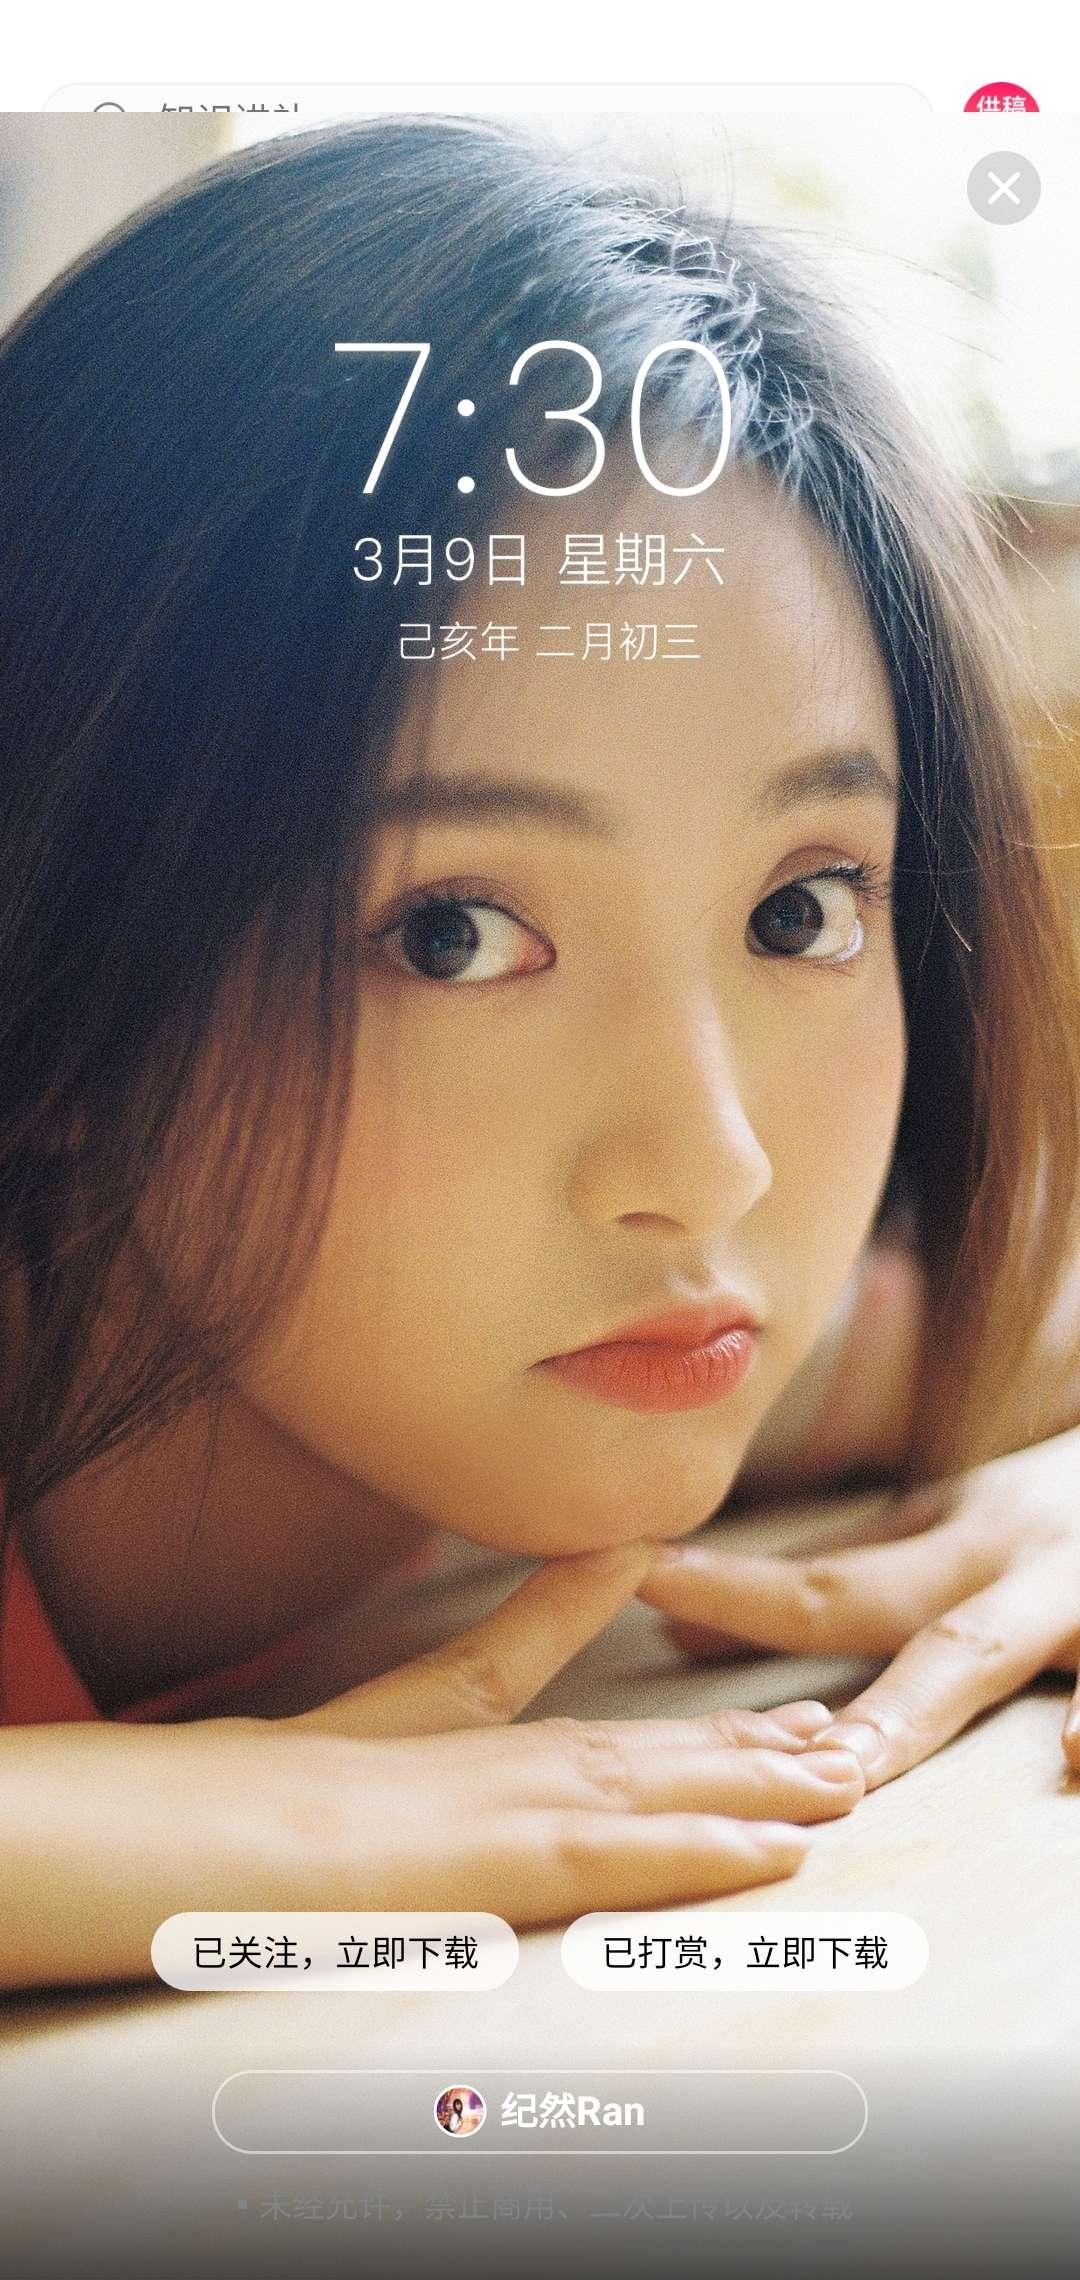 【无邪考核】图虫 6.3.2